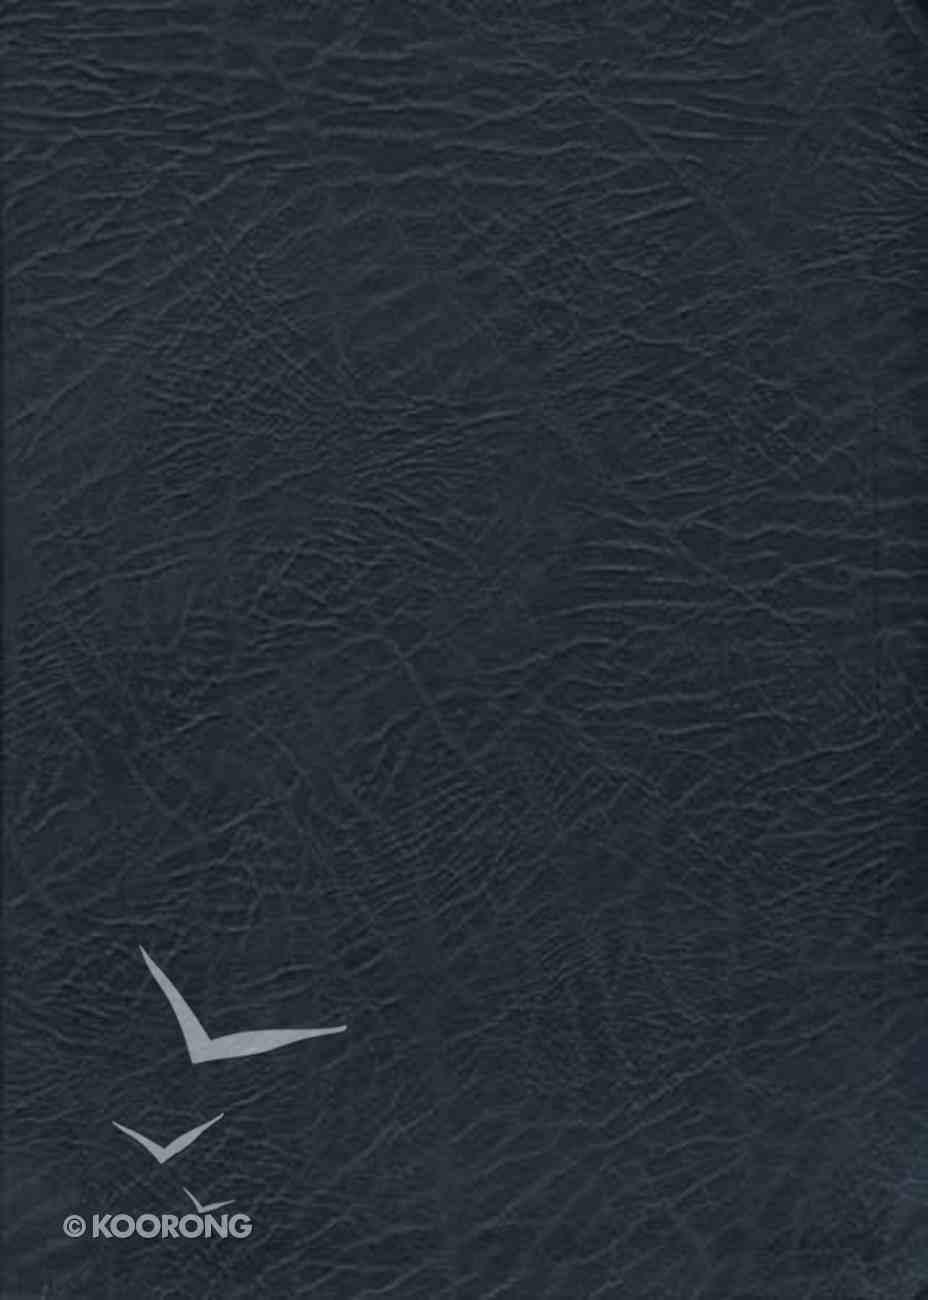 NKJV Macarthur Study Indexed Large Print Black (Black Letter Edition) Bonded Leather